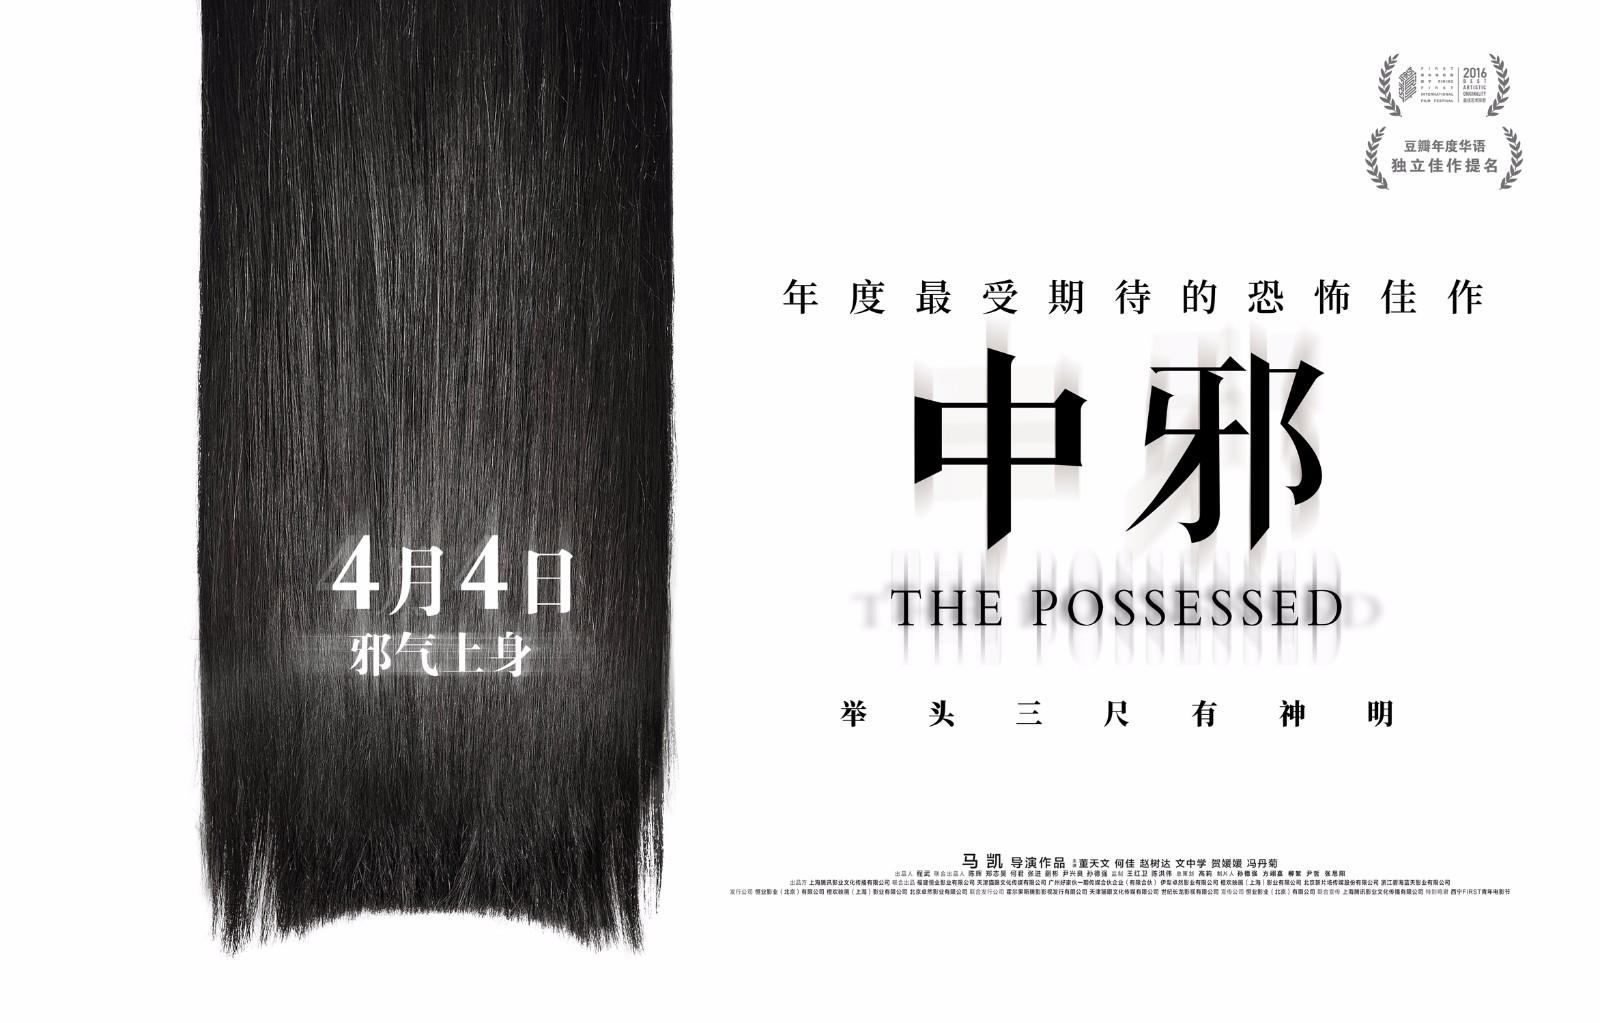 20年来最受期待的国产恐怖片《中邪》定档清明节